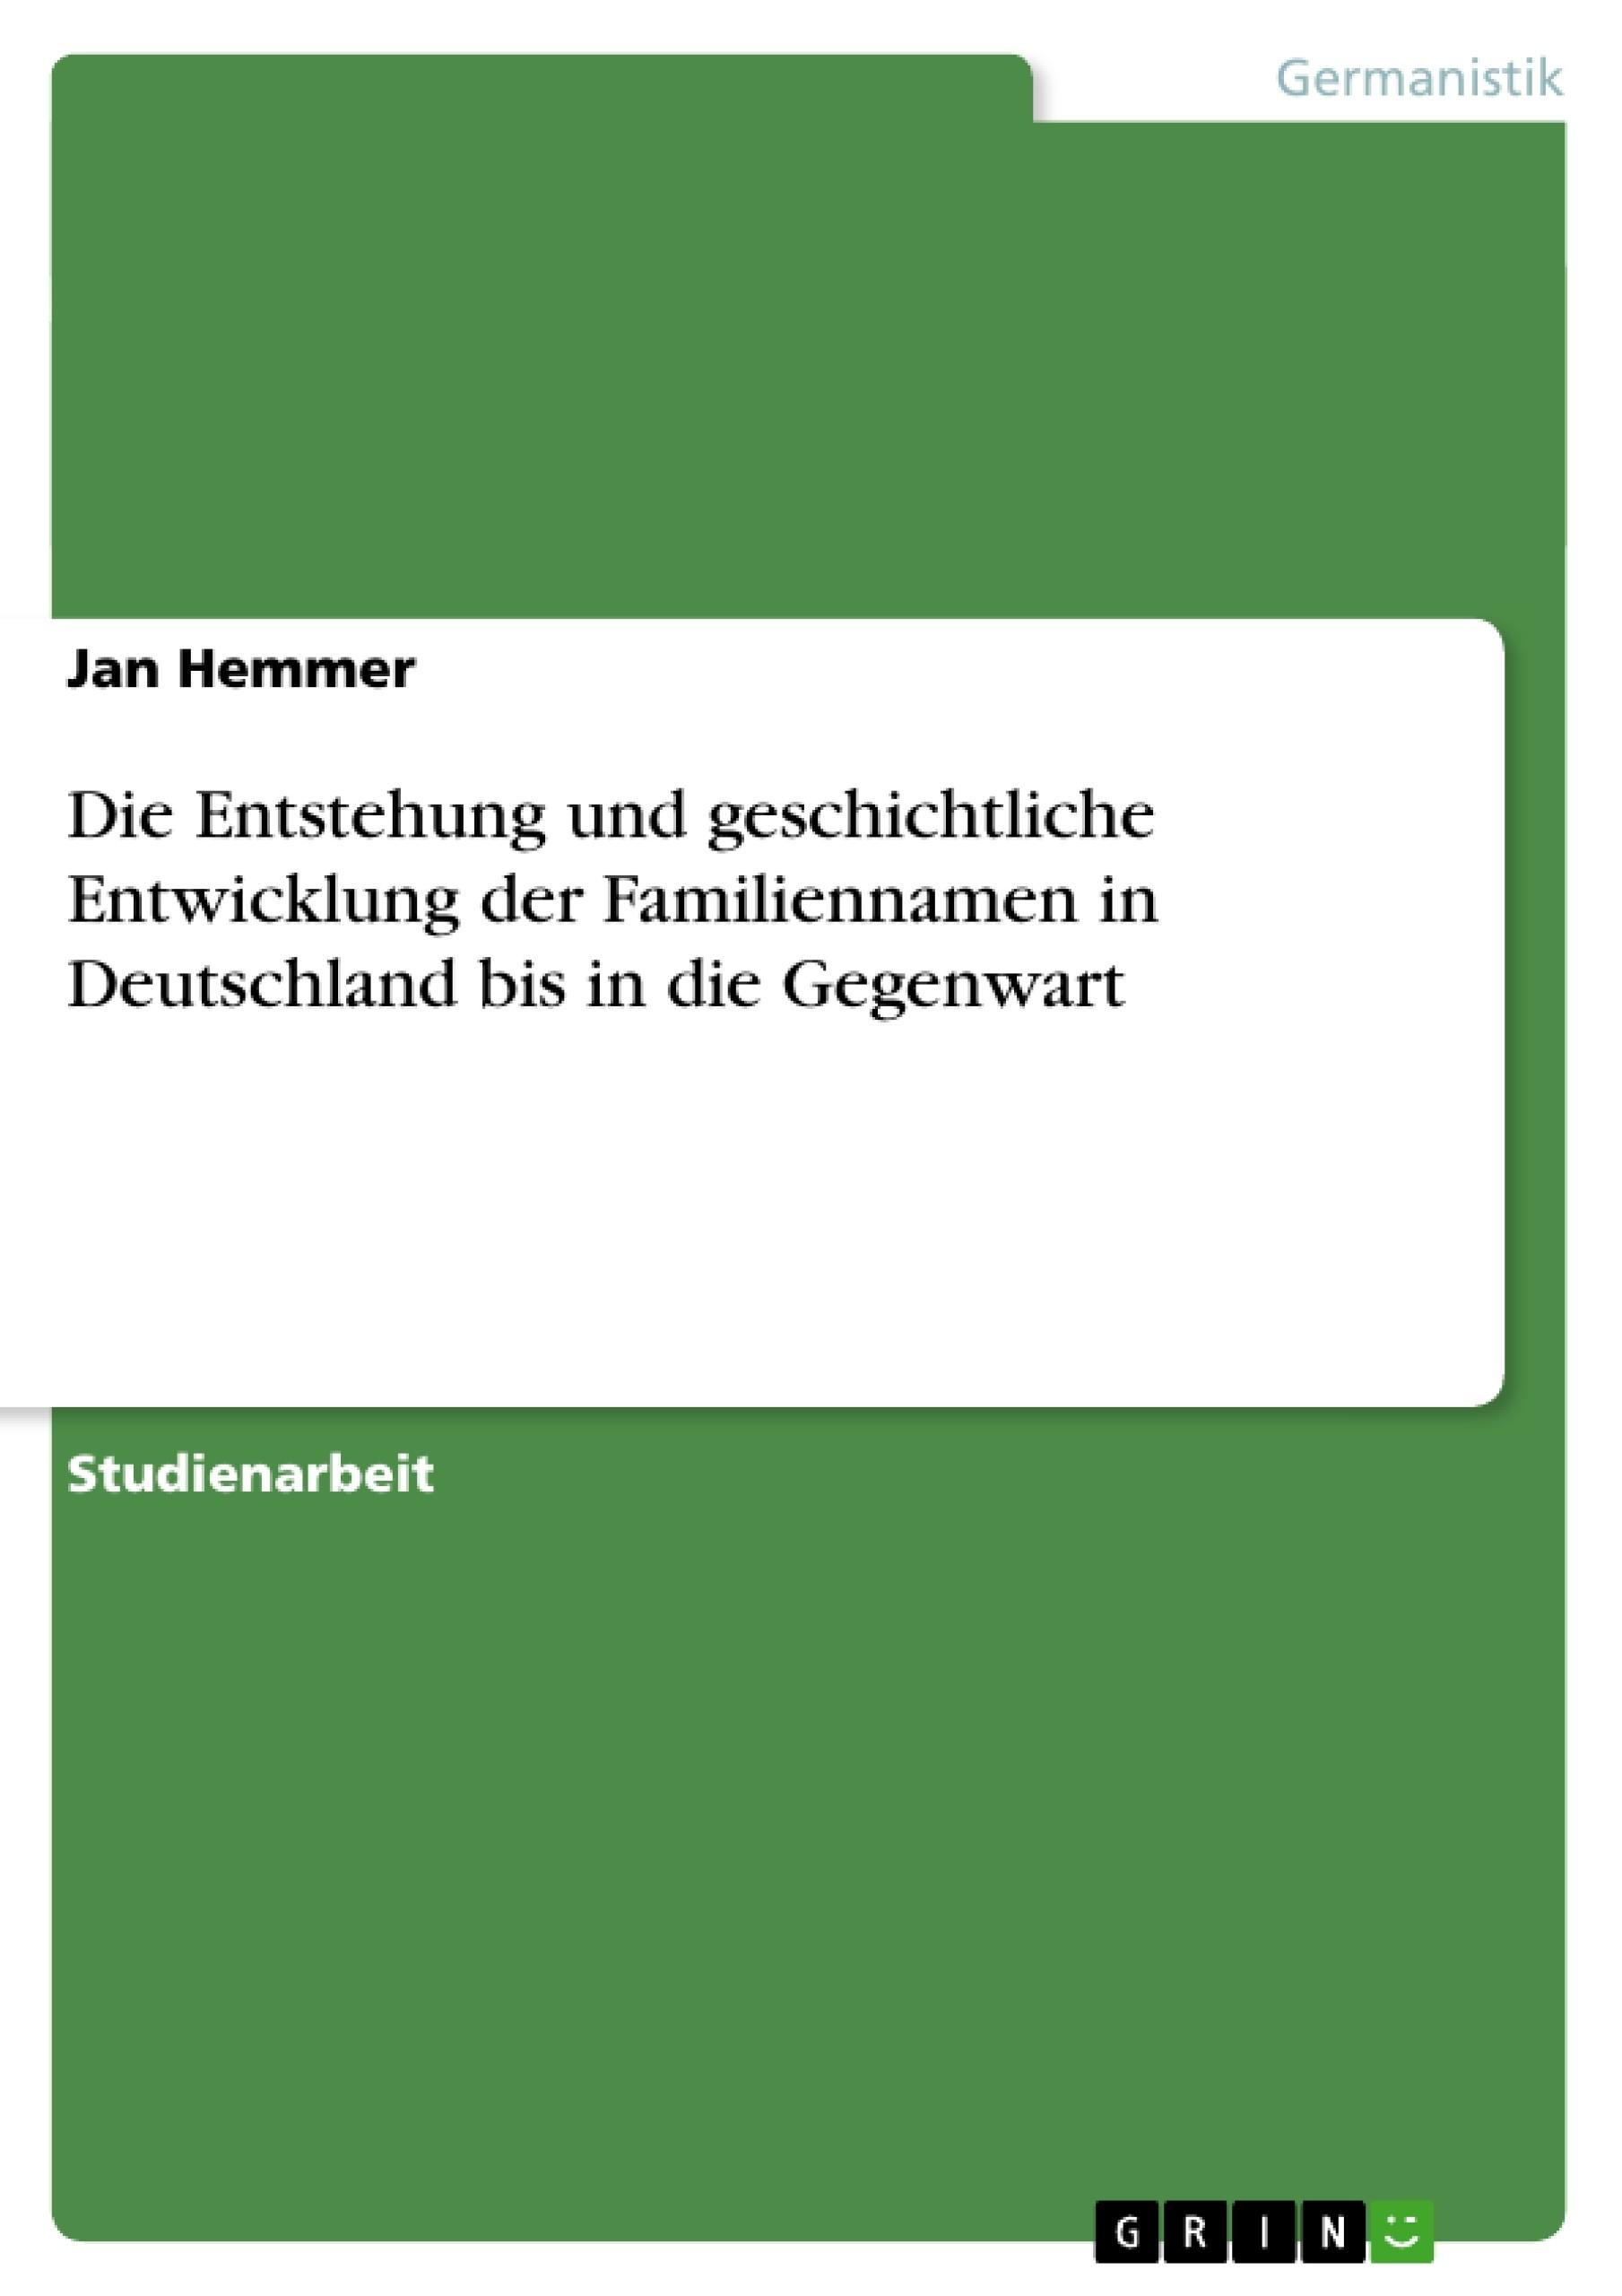 Titel: Die Entstehung und geschichtliche Entwicklung der Familiennamen in Deutschland bis in die Gegenwart